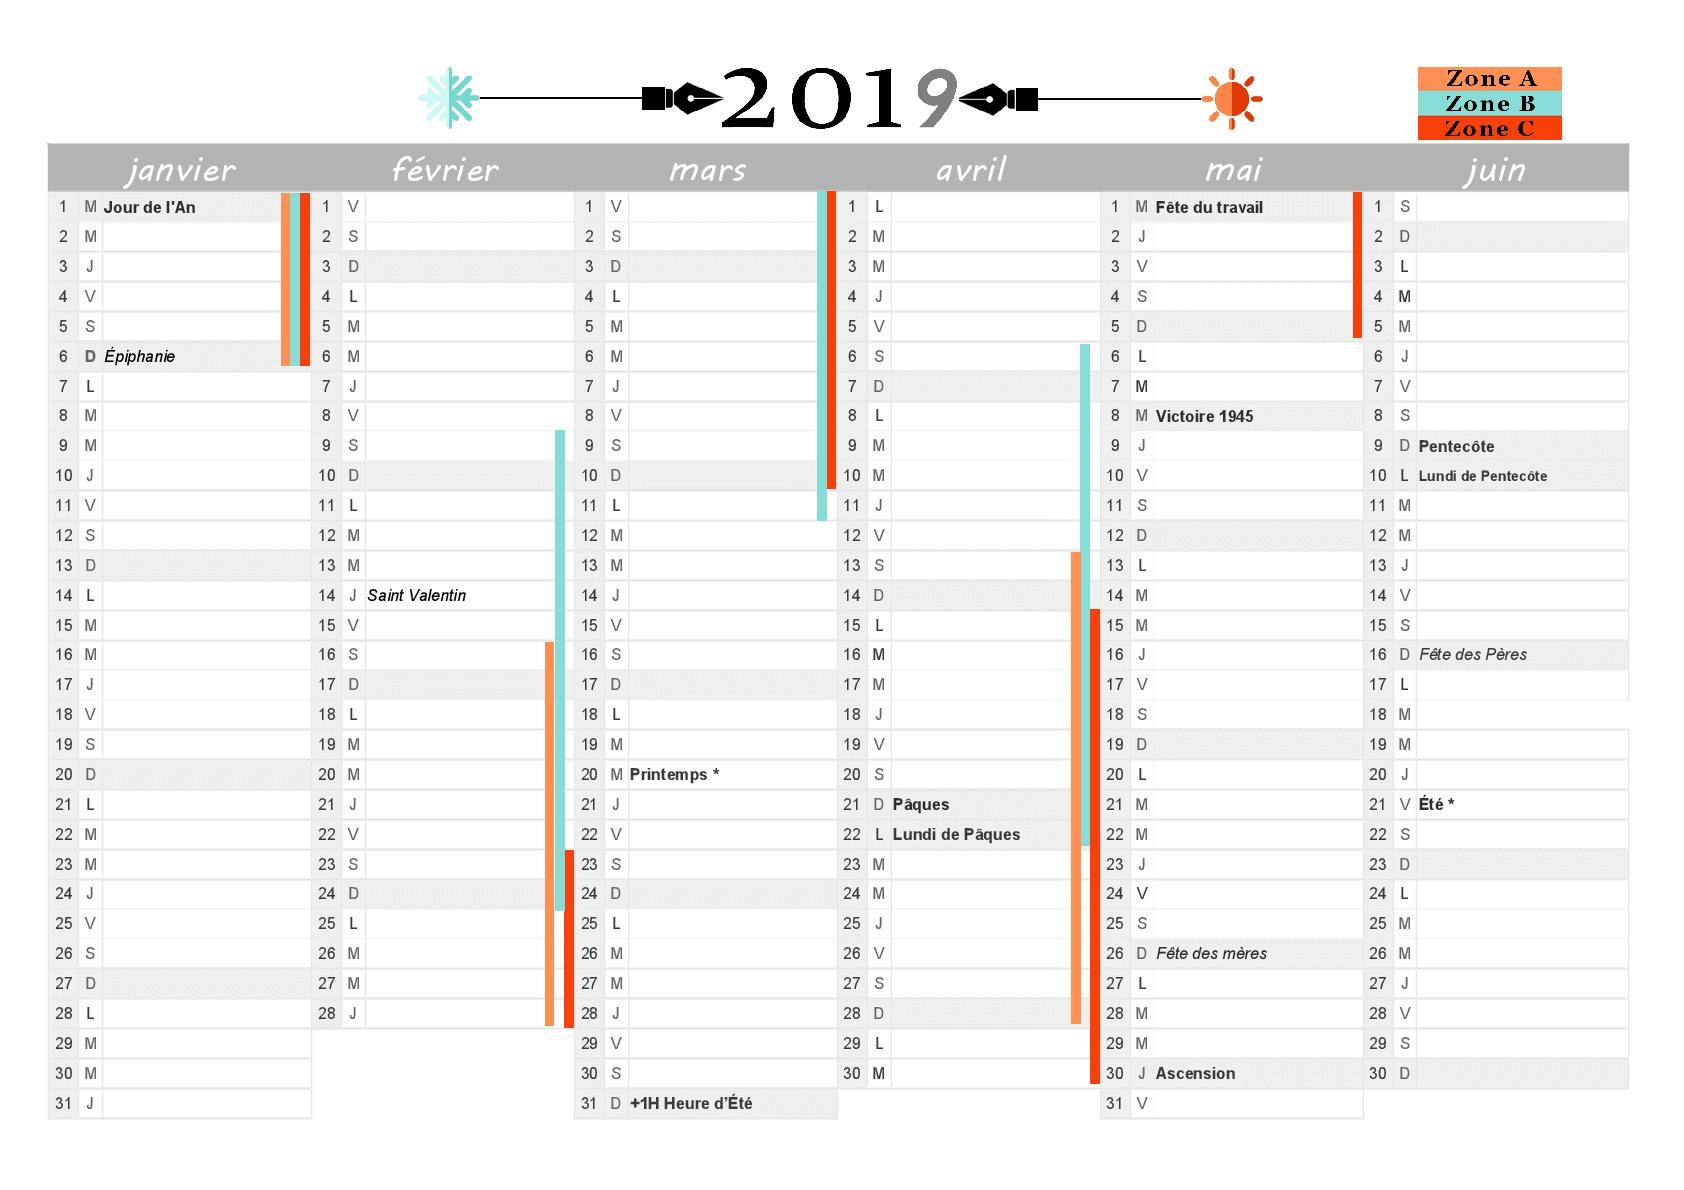 Calendrier 2019 À Imprimer : Jours Fériés - Vacances intérieur Calendrier 2019 Avec Jours Fériés Vacances Scolaires À Imprimer